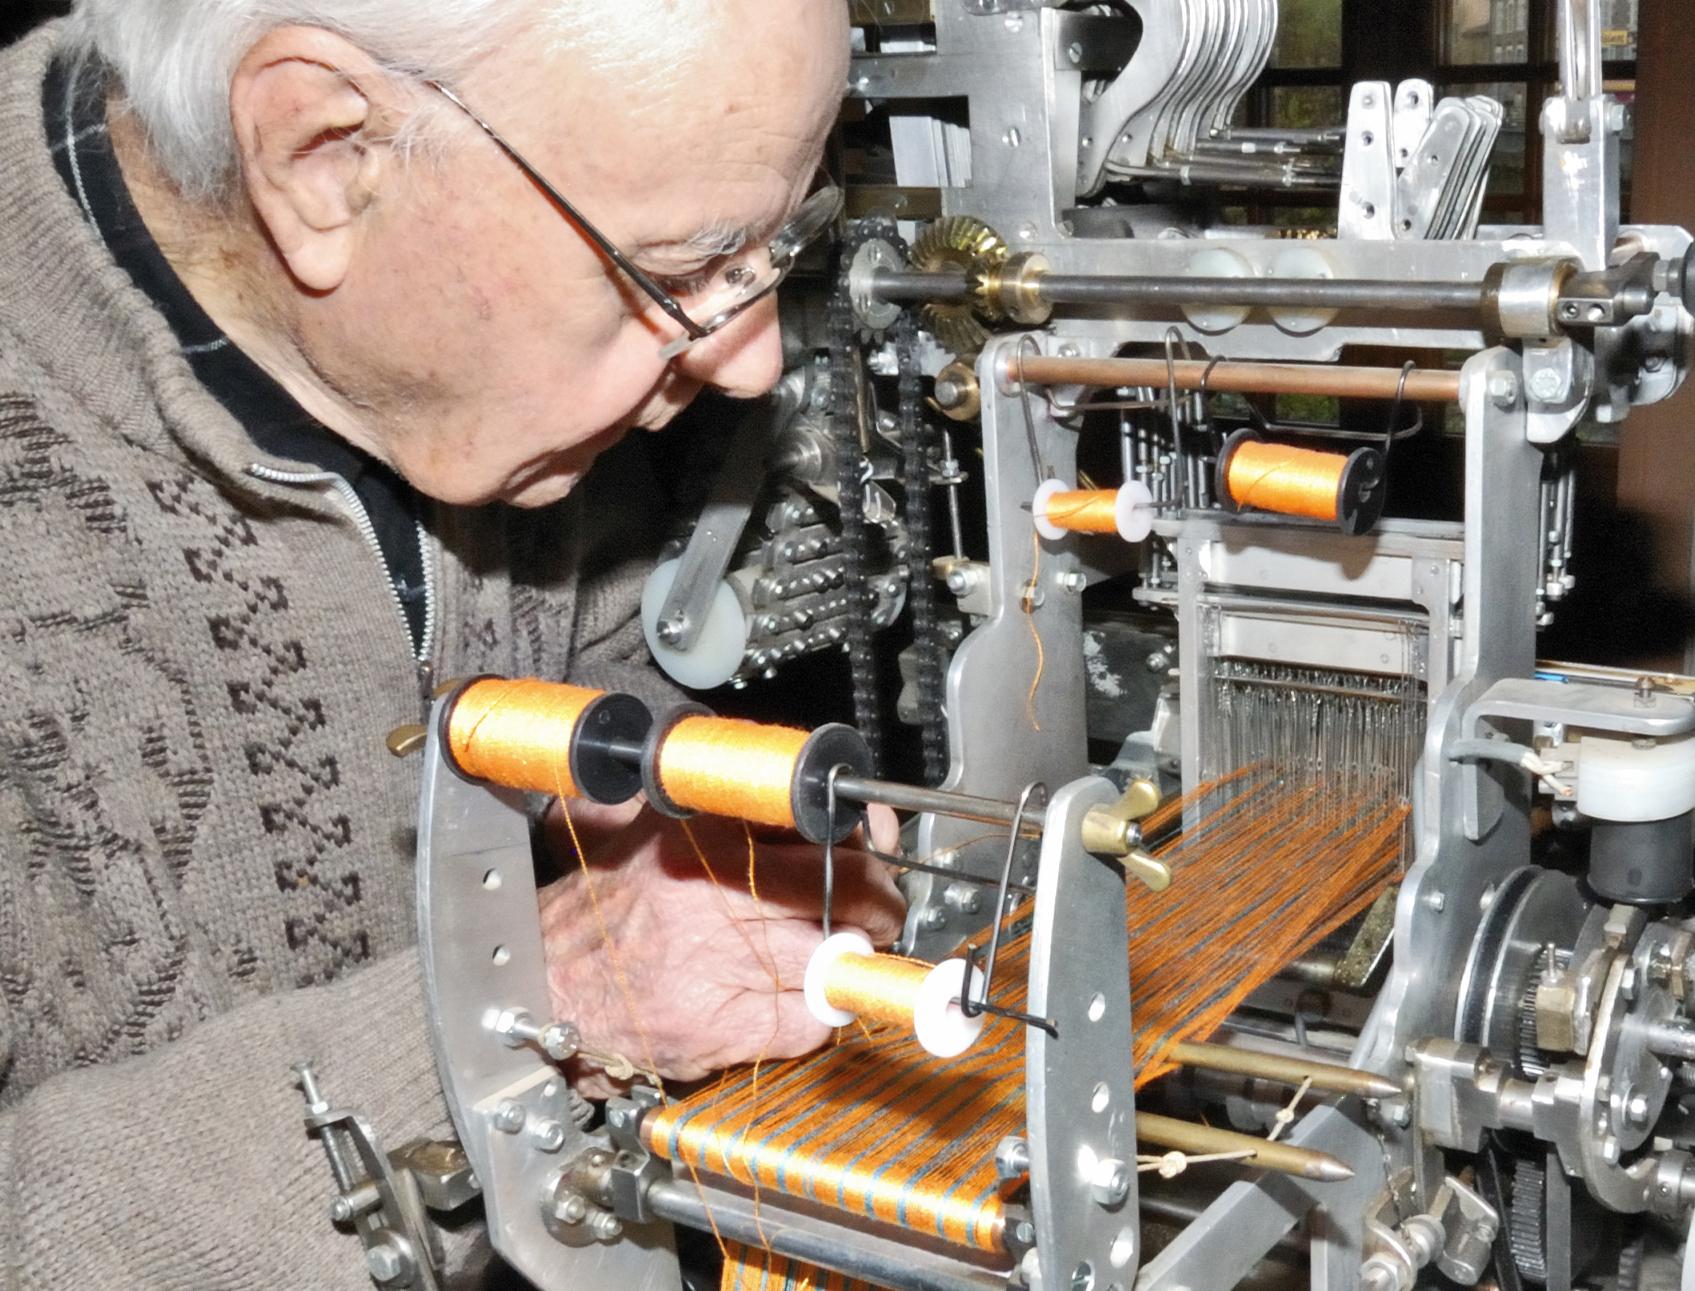 Création de métiers à tisser miniatures (L'Arbresle, Rhône)